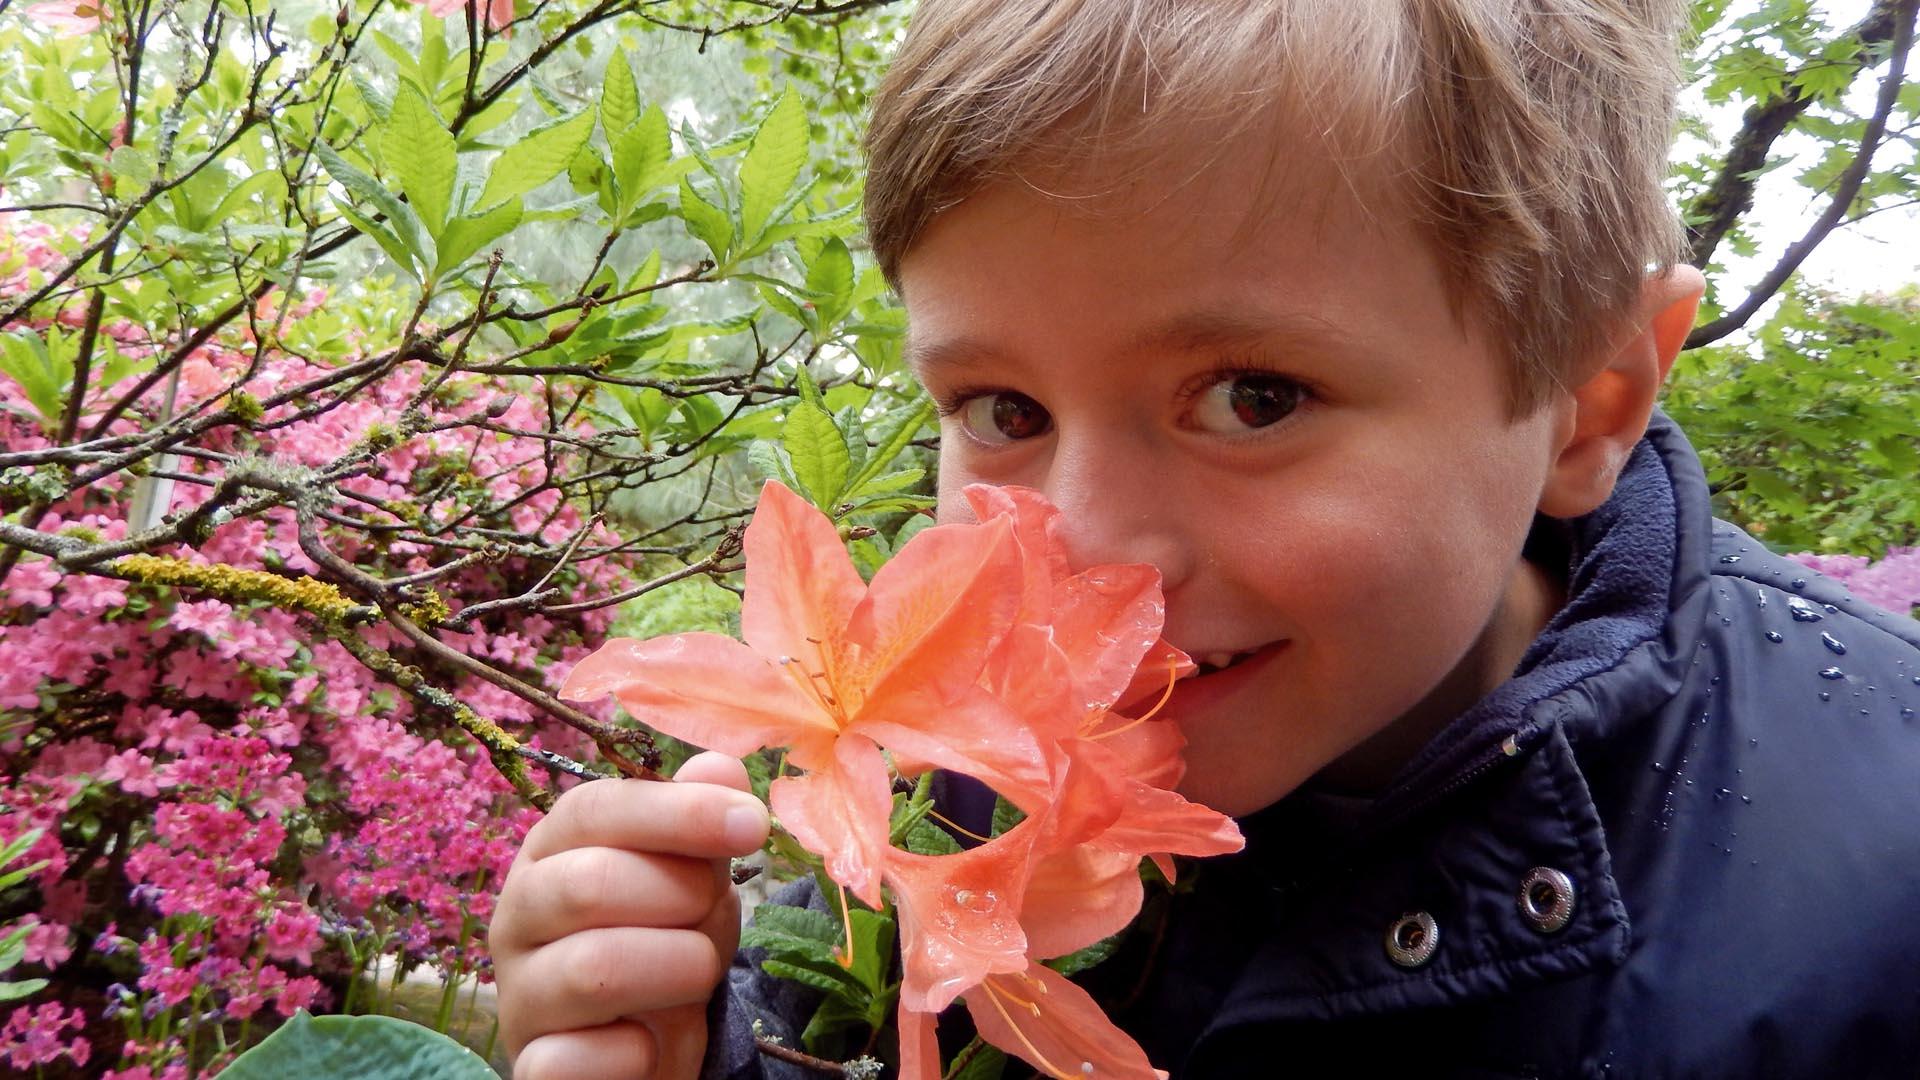 Tobias Roller liebte das Leben – und starb mit acht Jahren